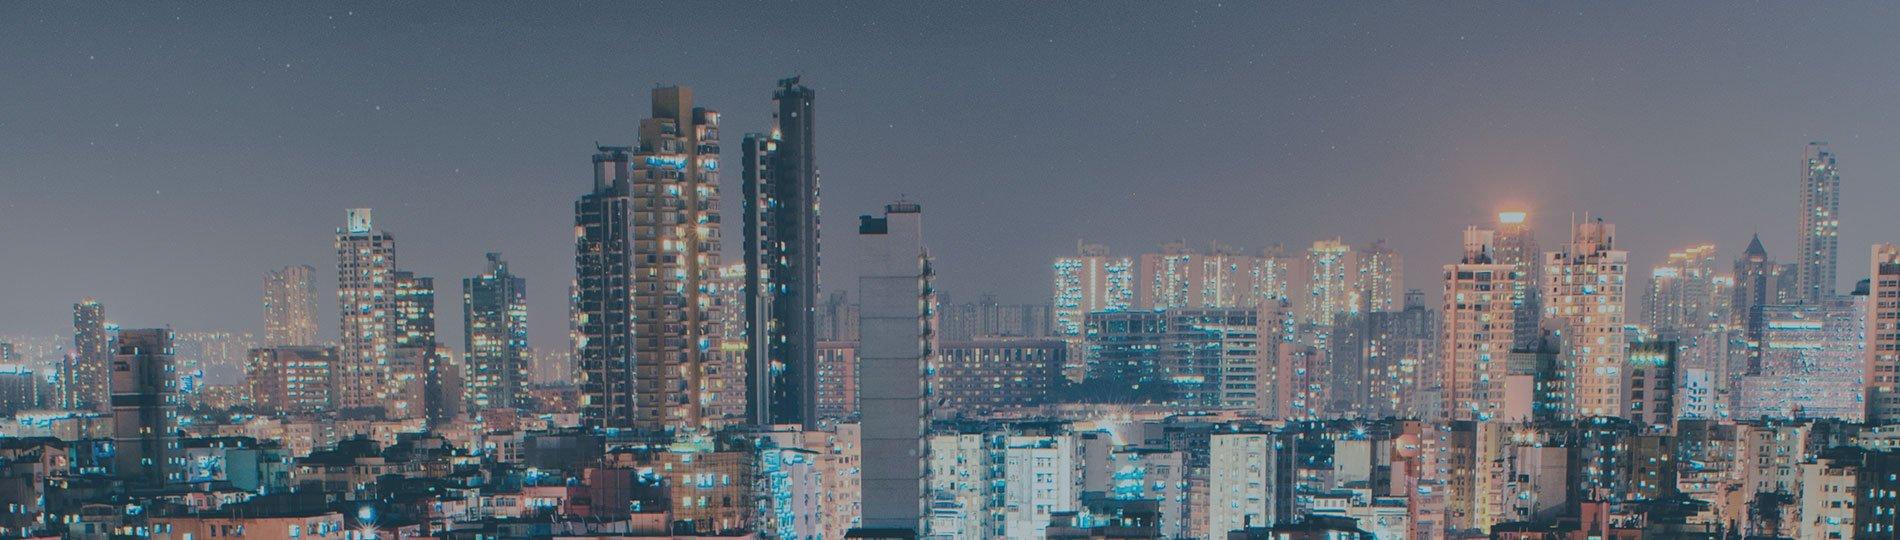 pms-hotelero-urbano-ciudad